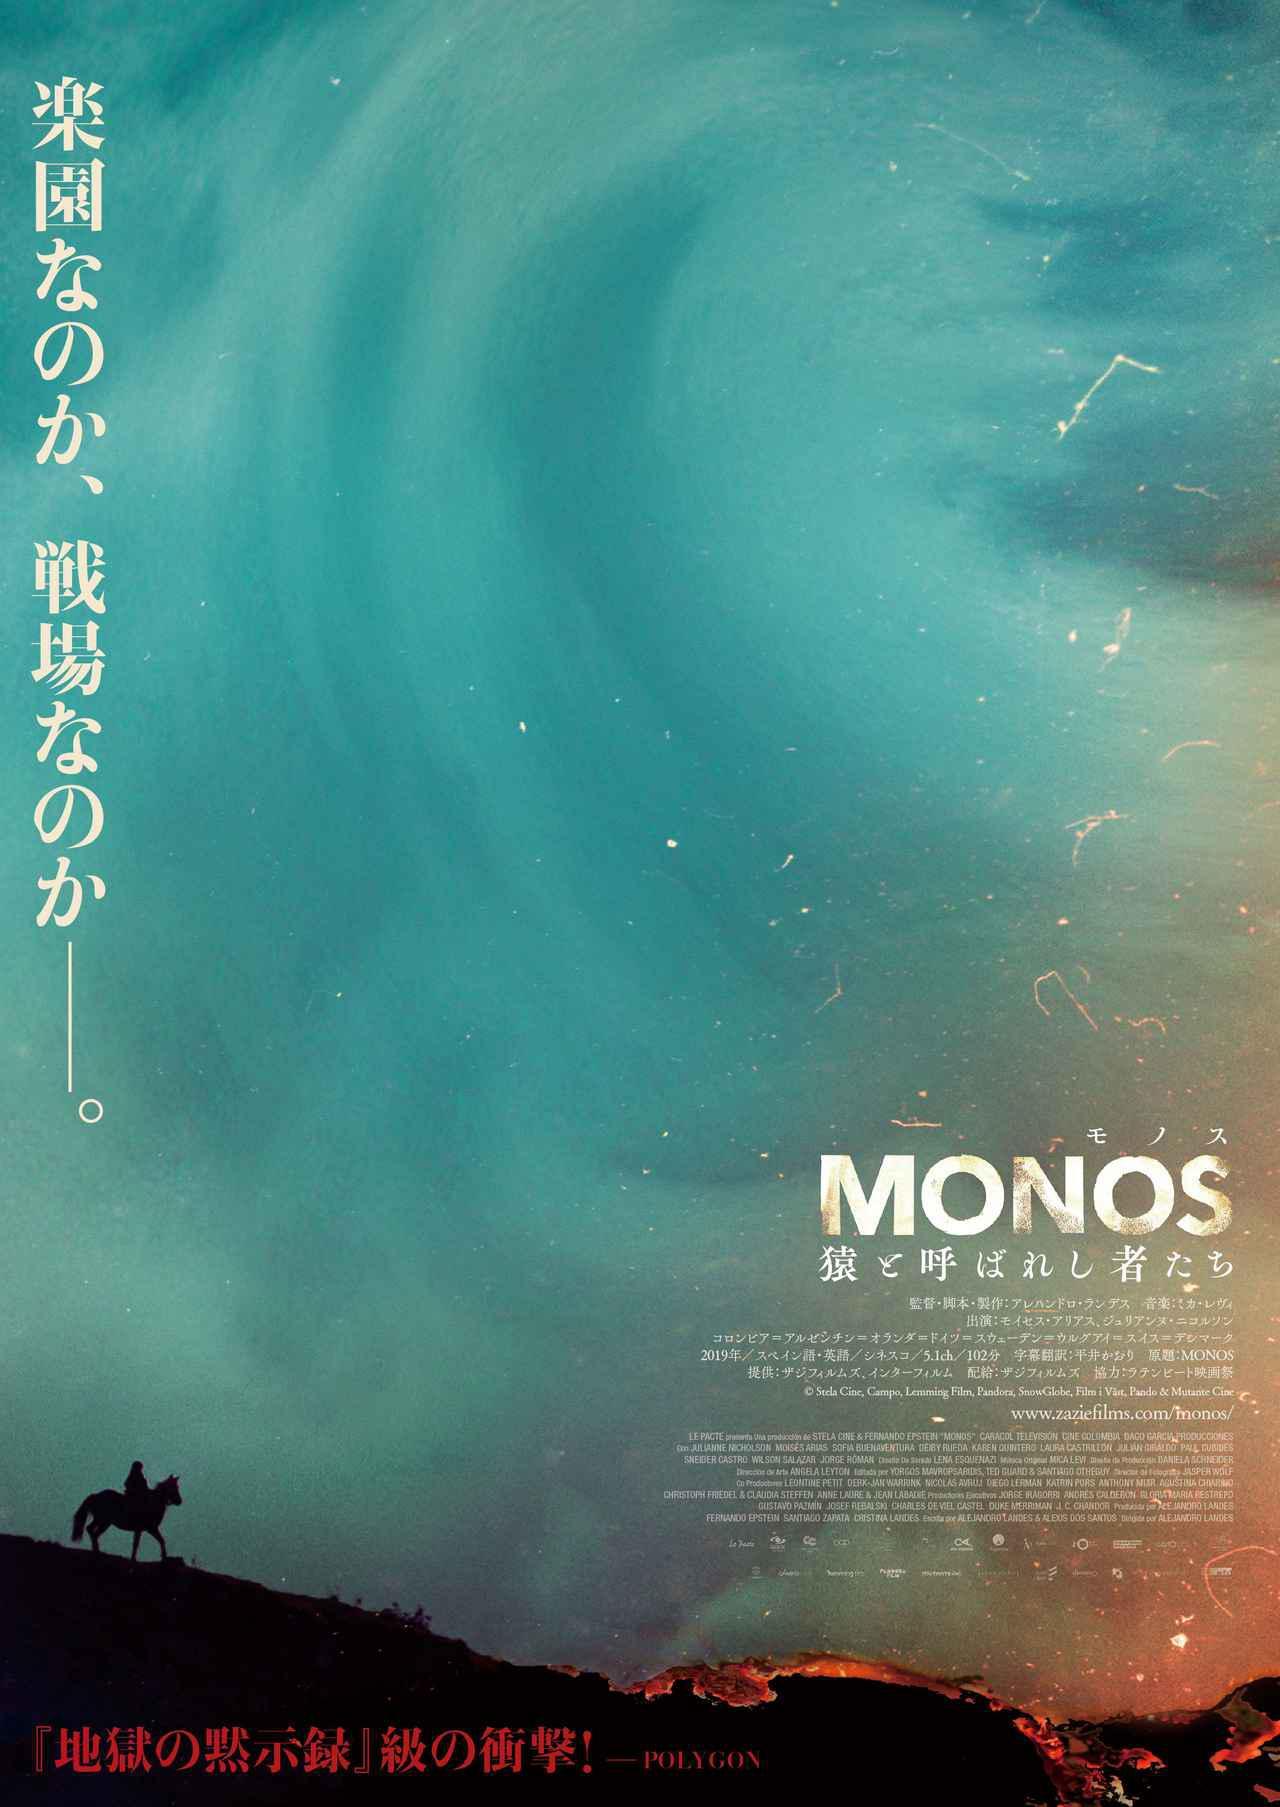 画像2: © Stela Cine, Campo, Lemming Film, Pandora, SnowGlobe, Film i Väst, Pando & Mutante Cine